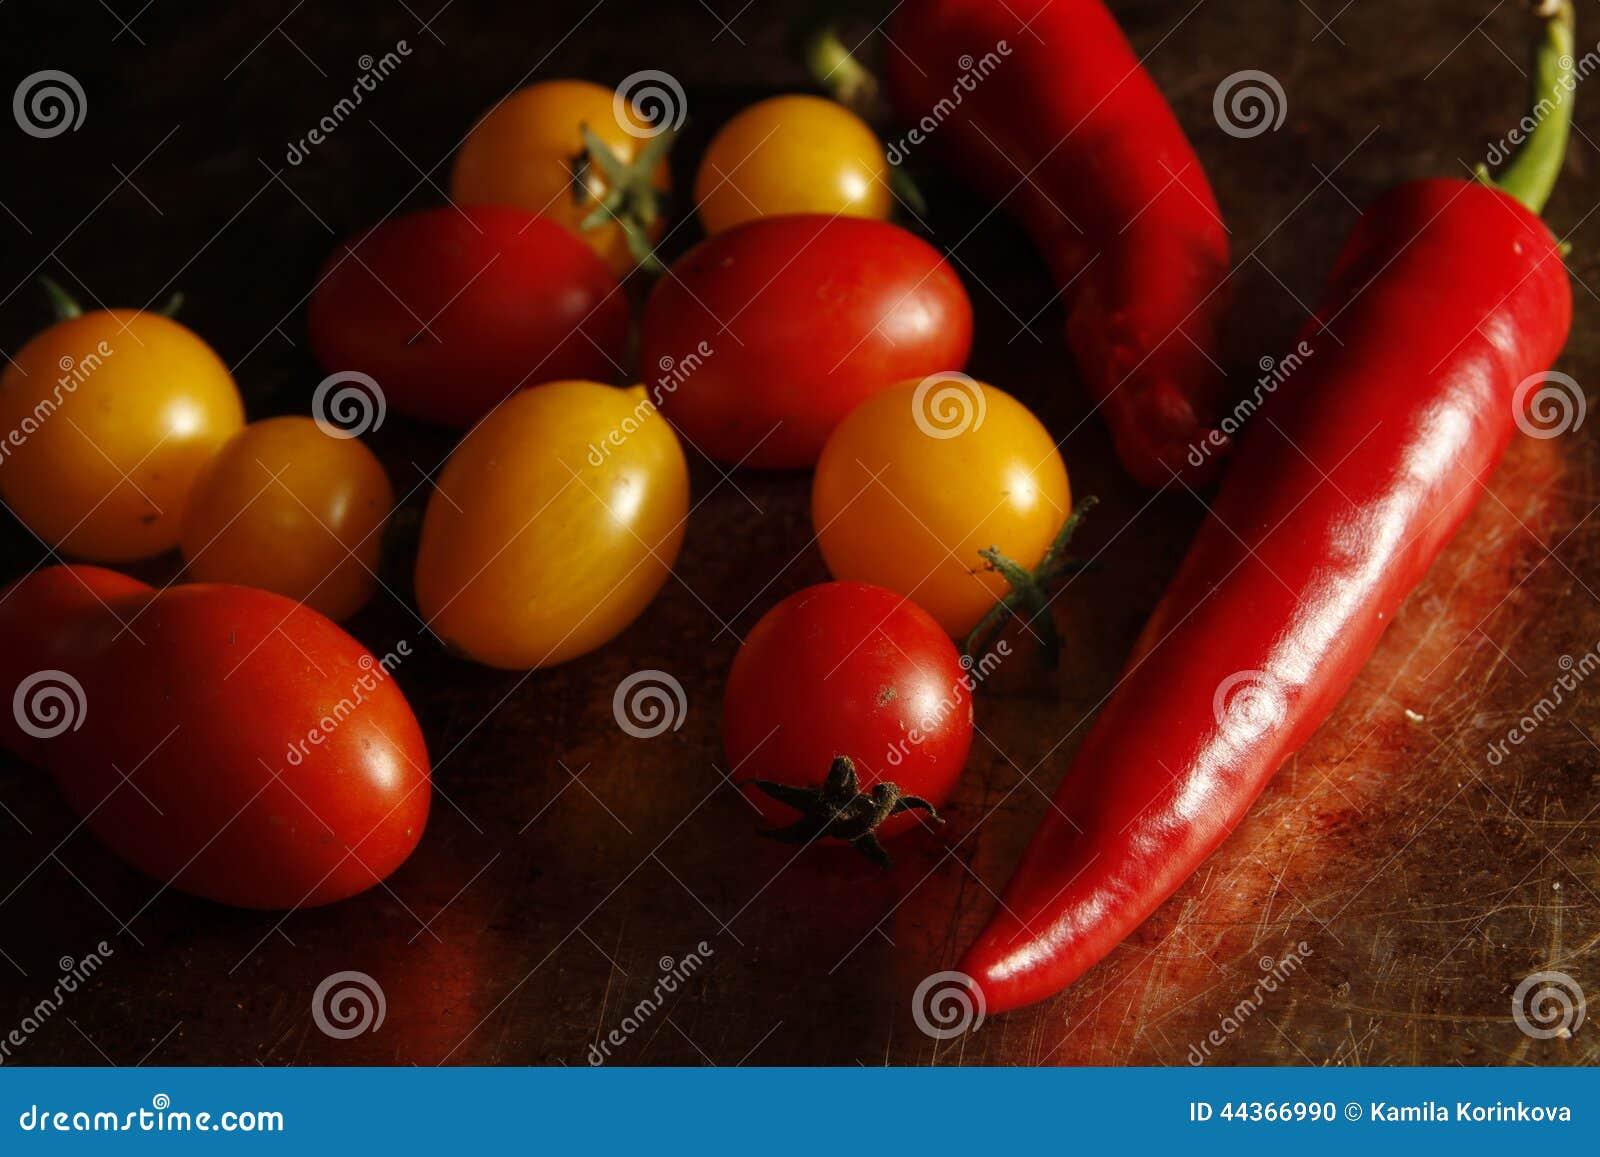 Pomodori di ciliegia e pepe di peperoncino rosso